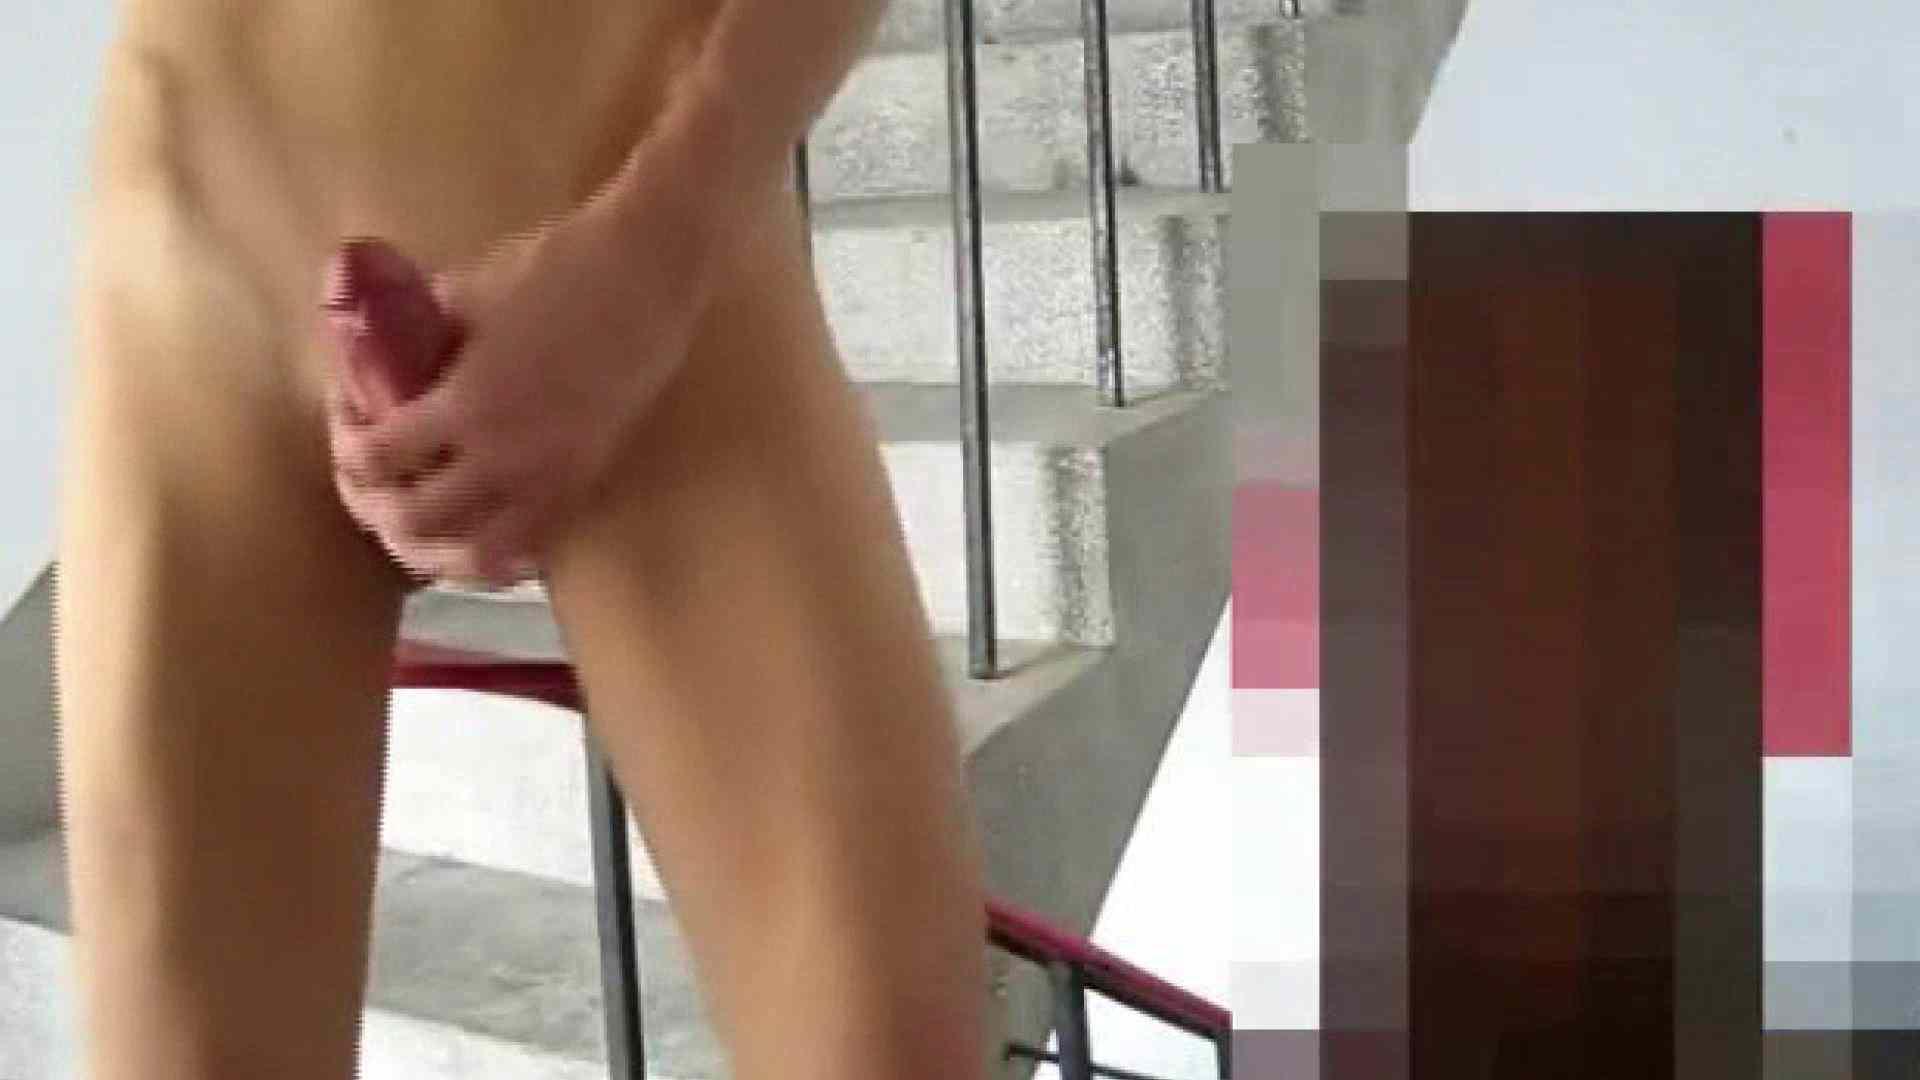 オナニー階段でシコる! オナニー編 ゲイ無修正ビデオ画像 62枚 7